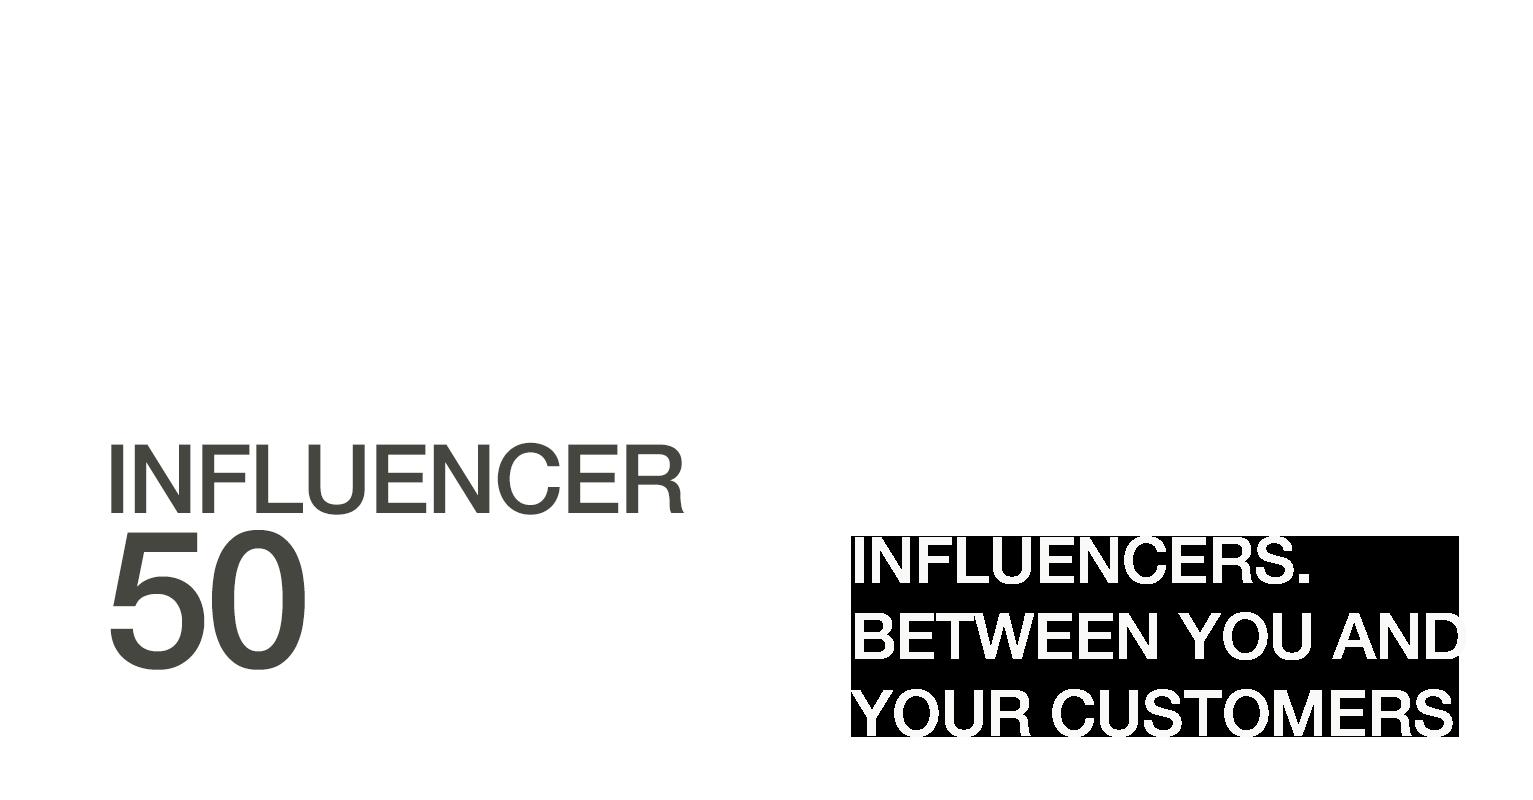 Influencer50: Influencer Marketing, Influencer Identification, Influencer Engagement & Influencer Measurement Leader